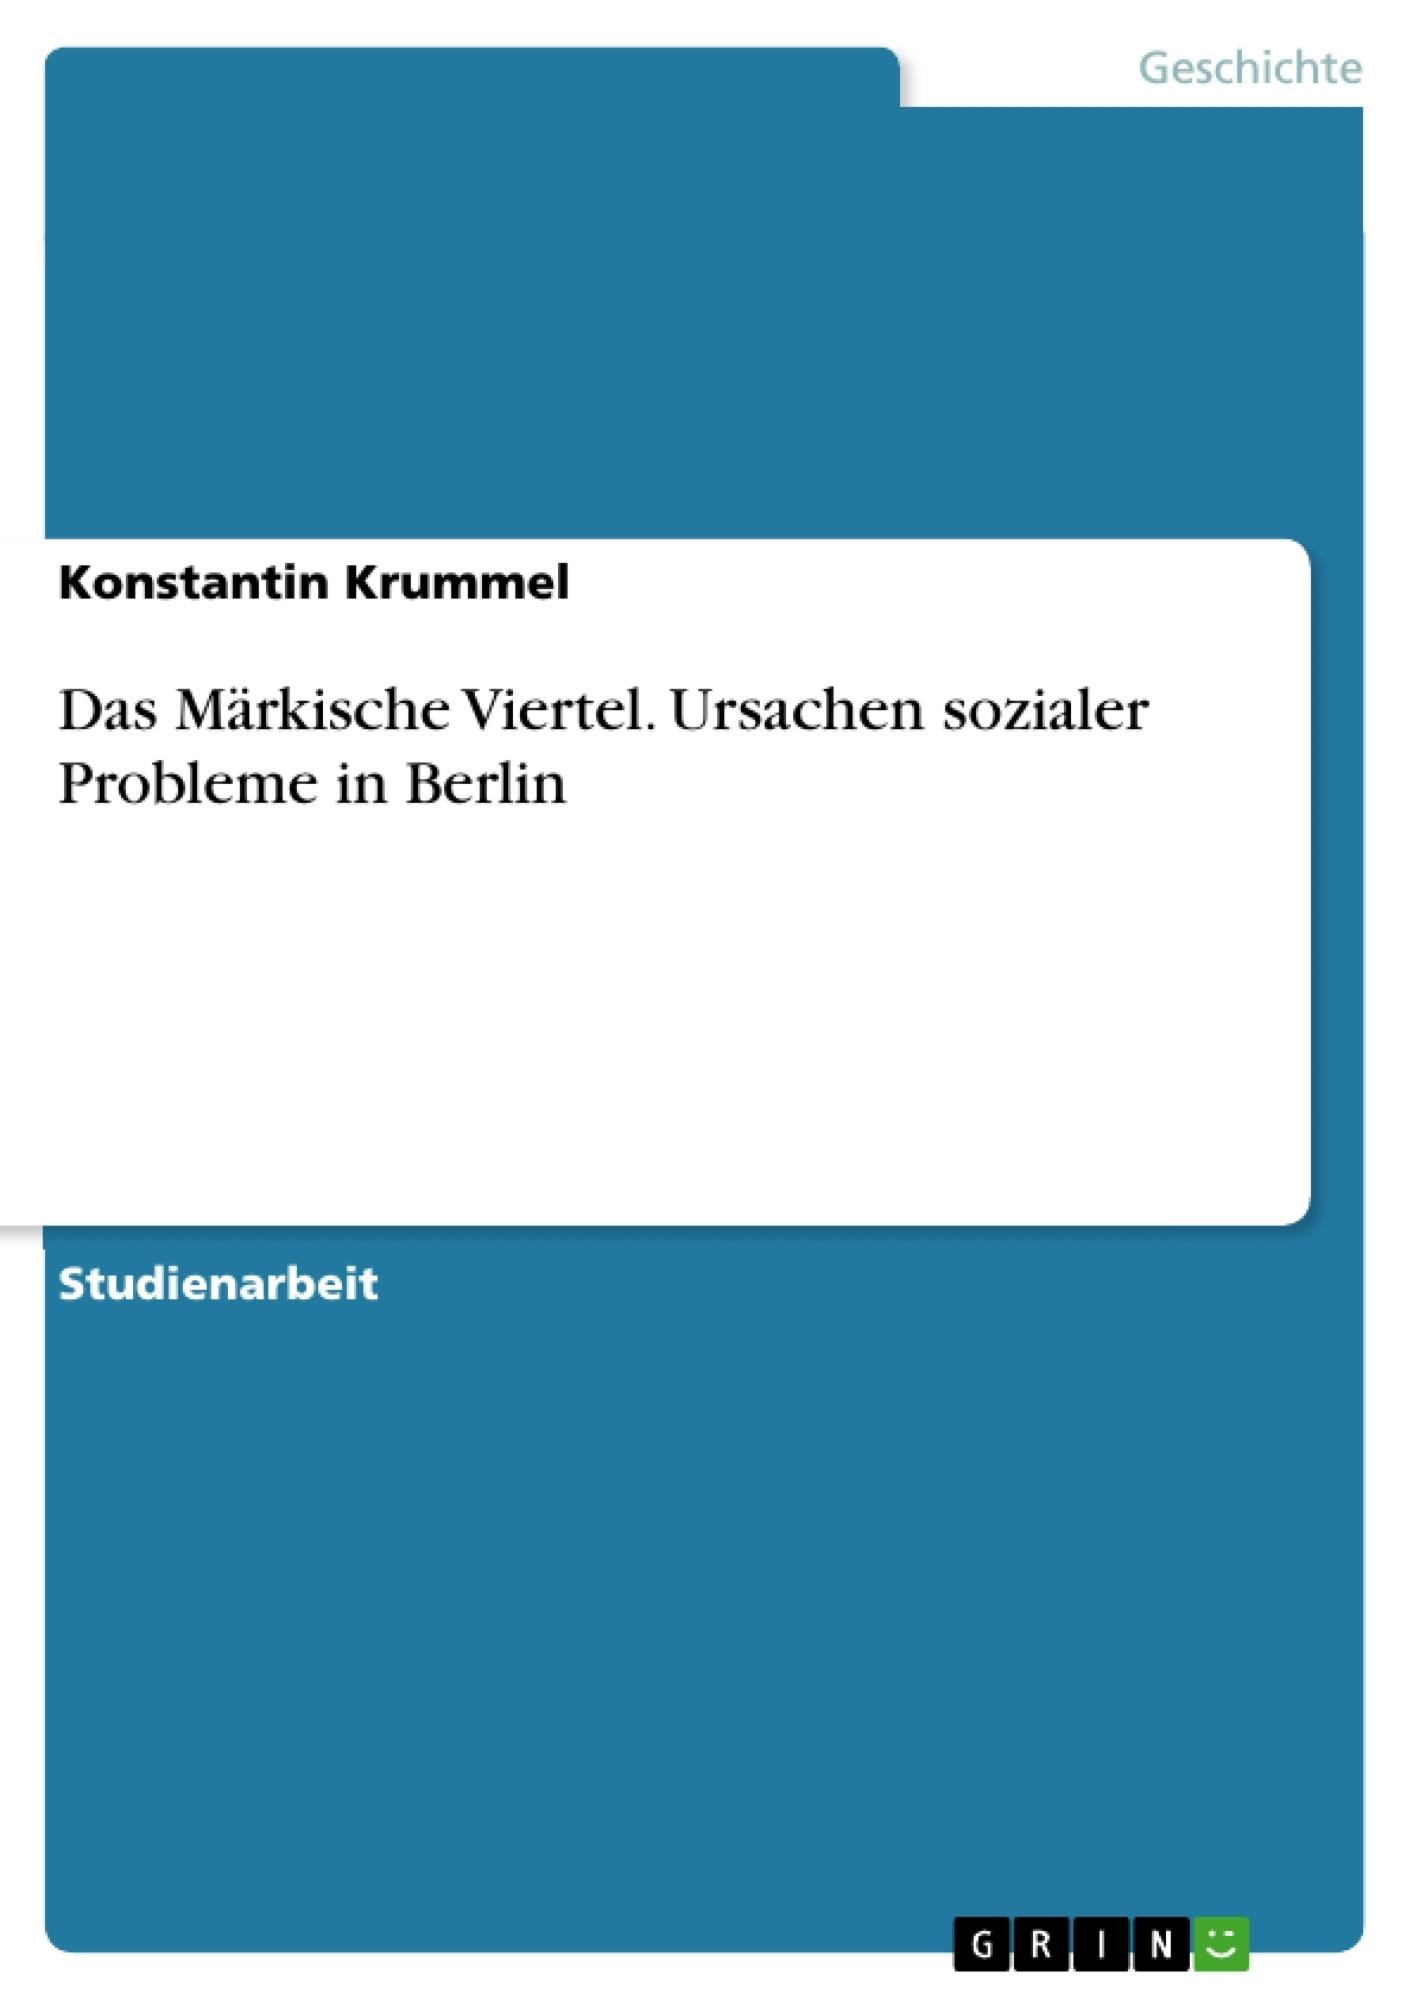 Titel: Das Märkische Viertel. Ursachen sozialer Probleme in Berlin